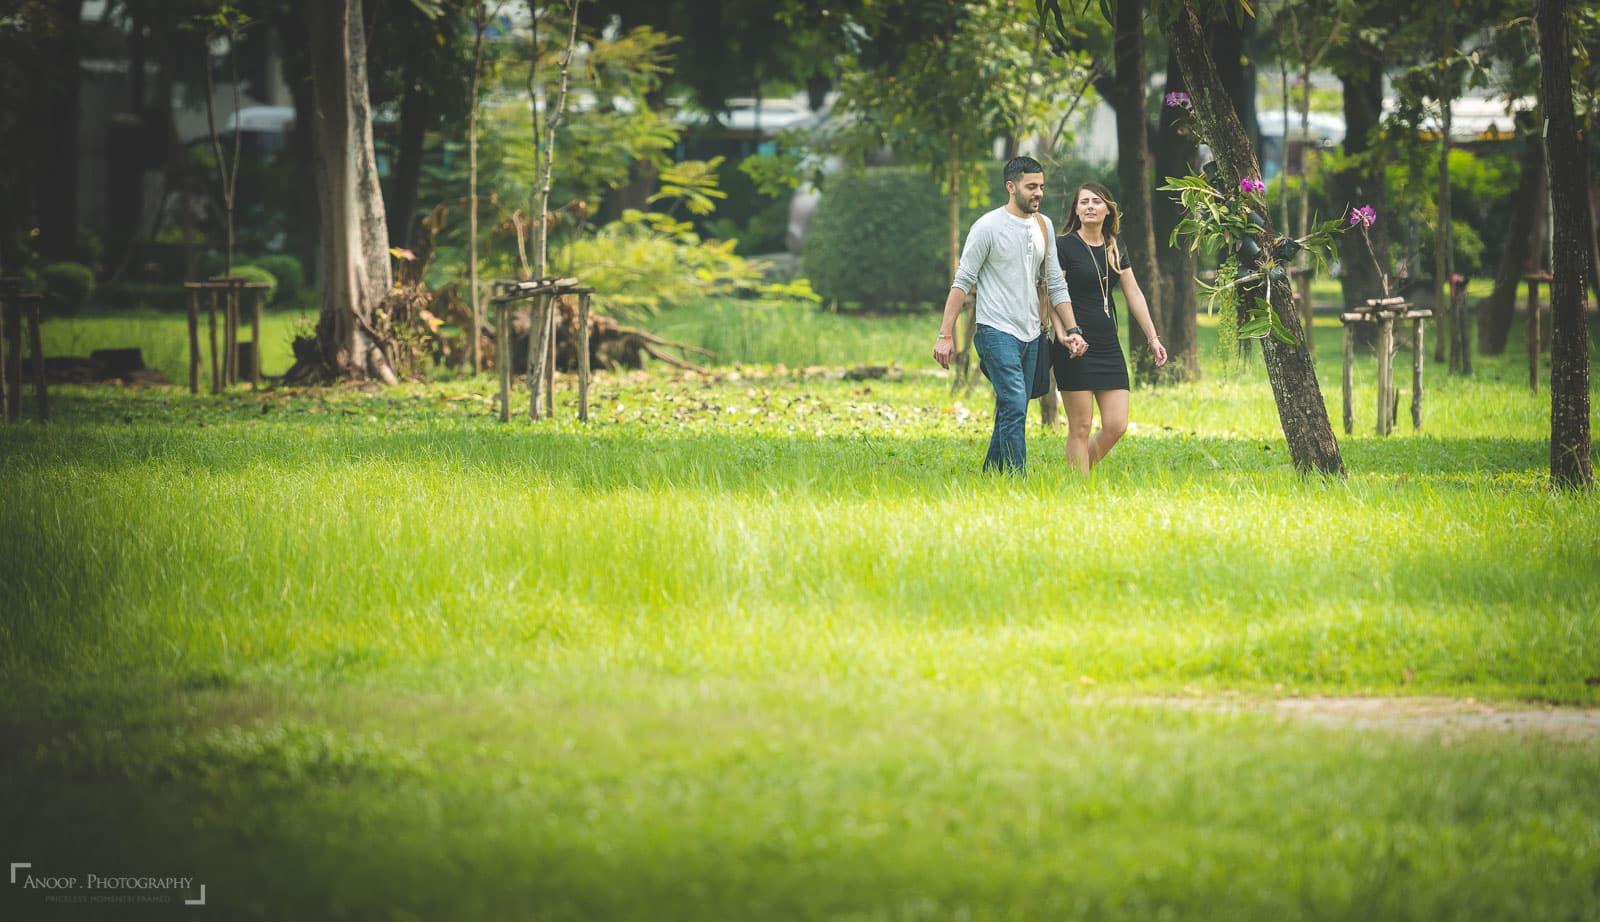 surprise-proposal-photographer-thailand-surprise-engagement-photography